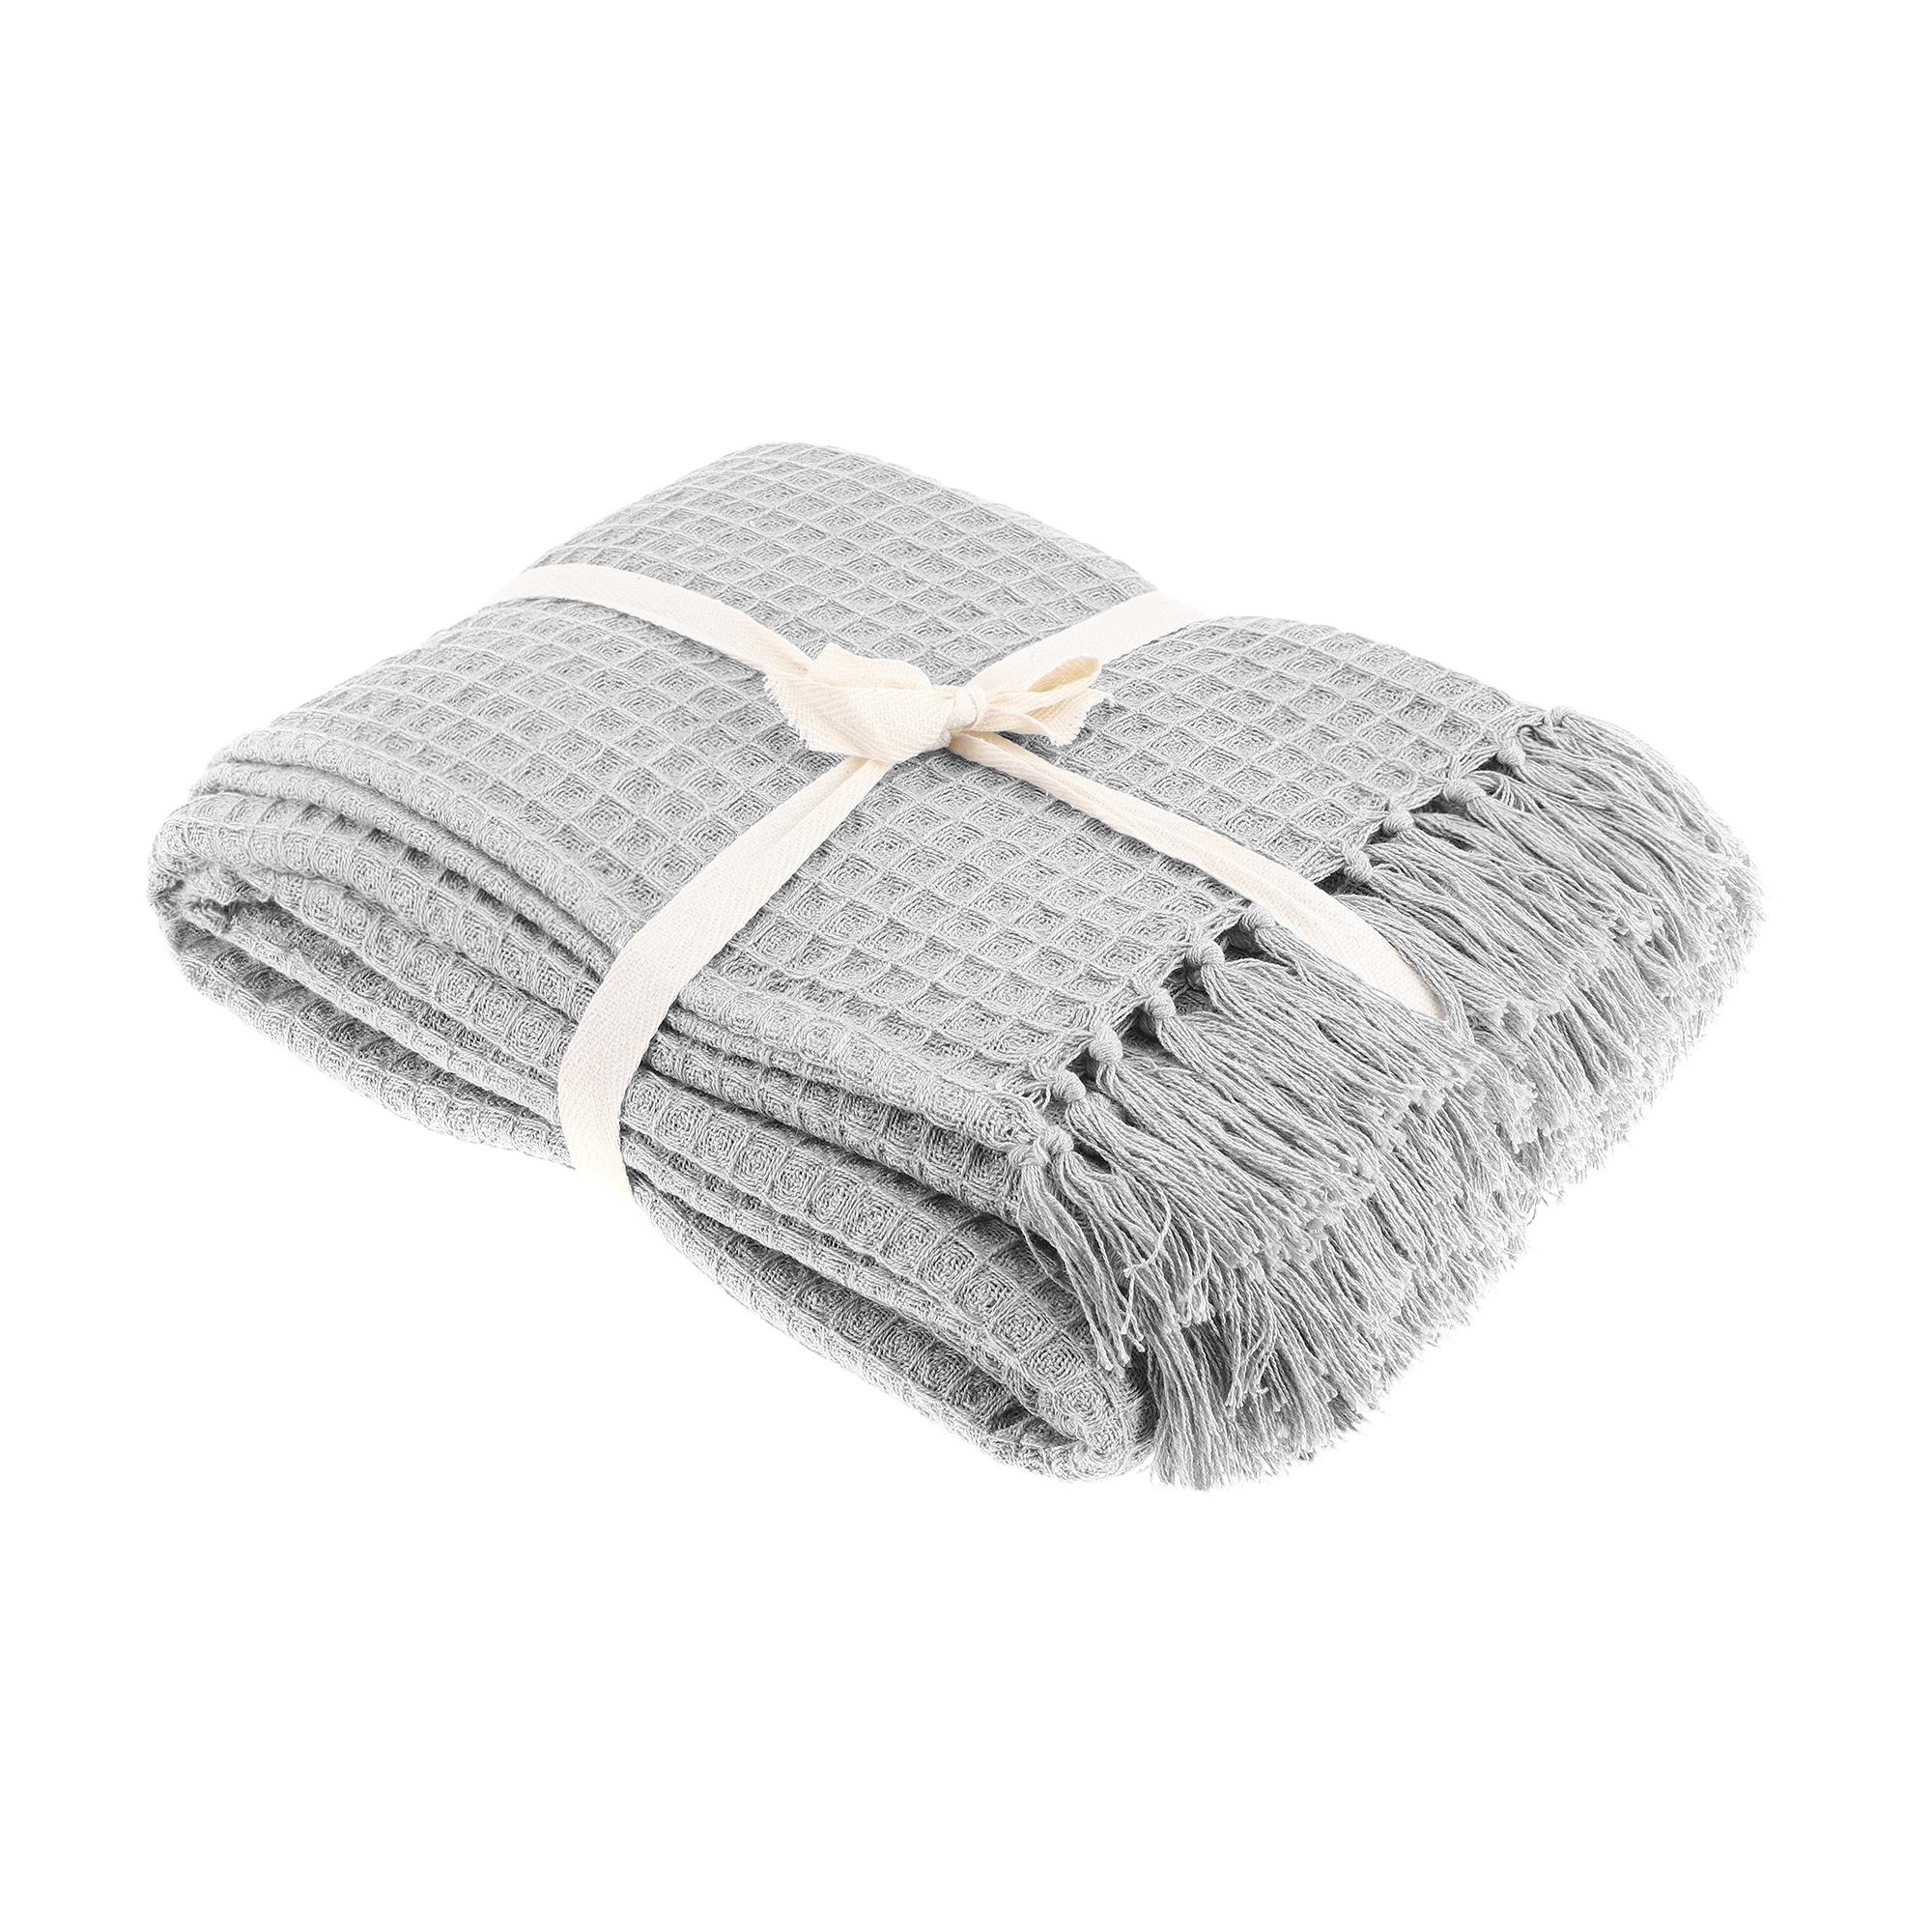 Плед вафельный Homelines textiles solid 140x200cm grey фото